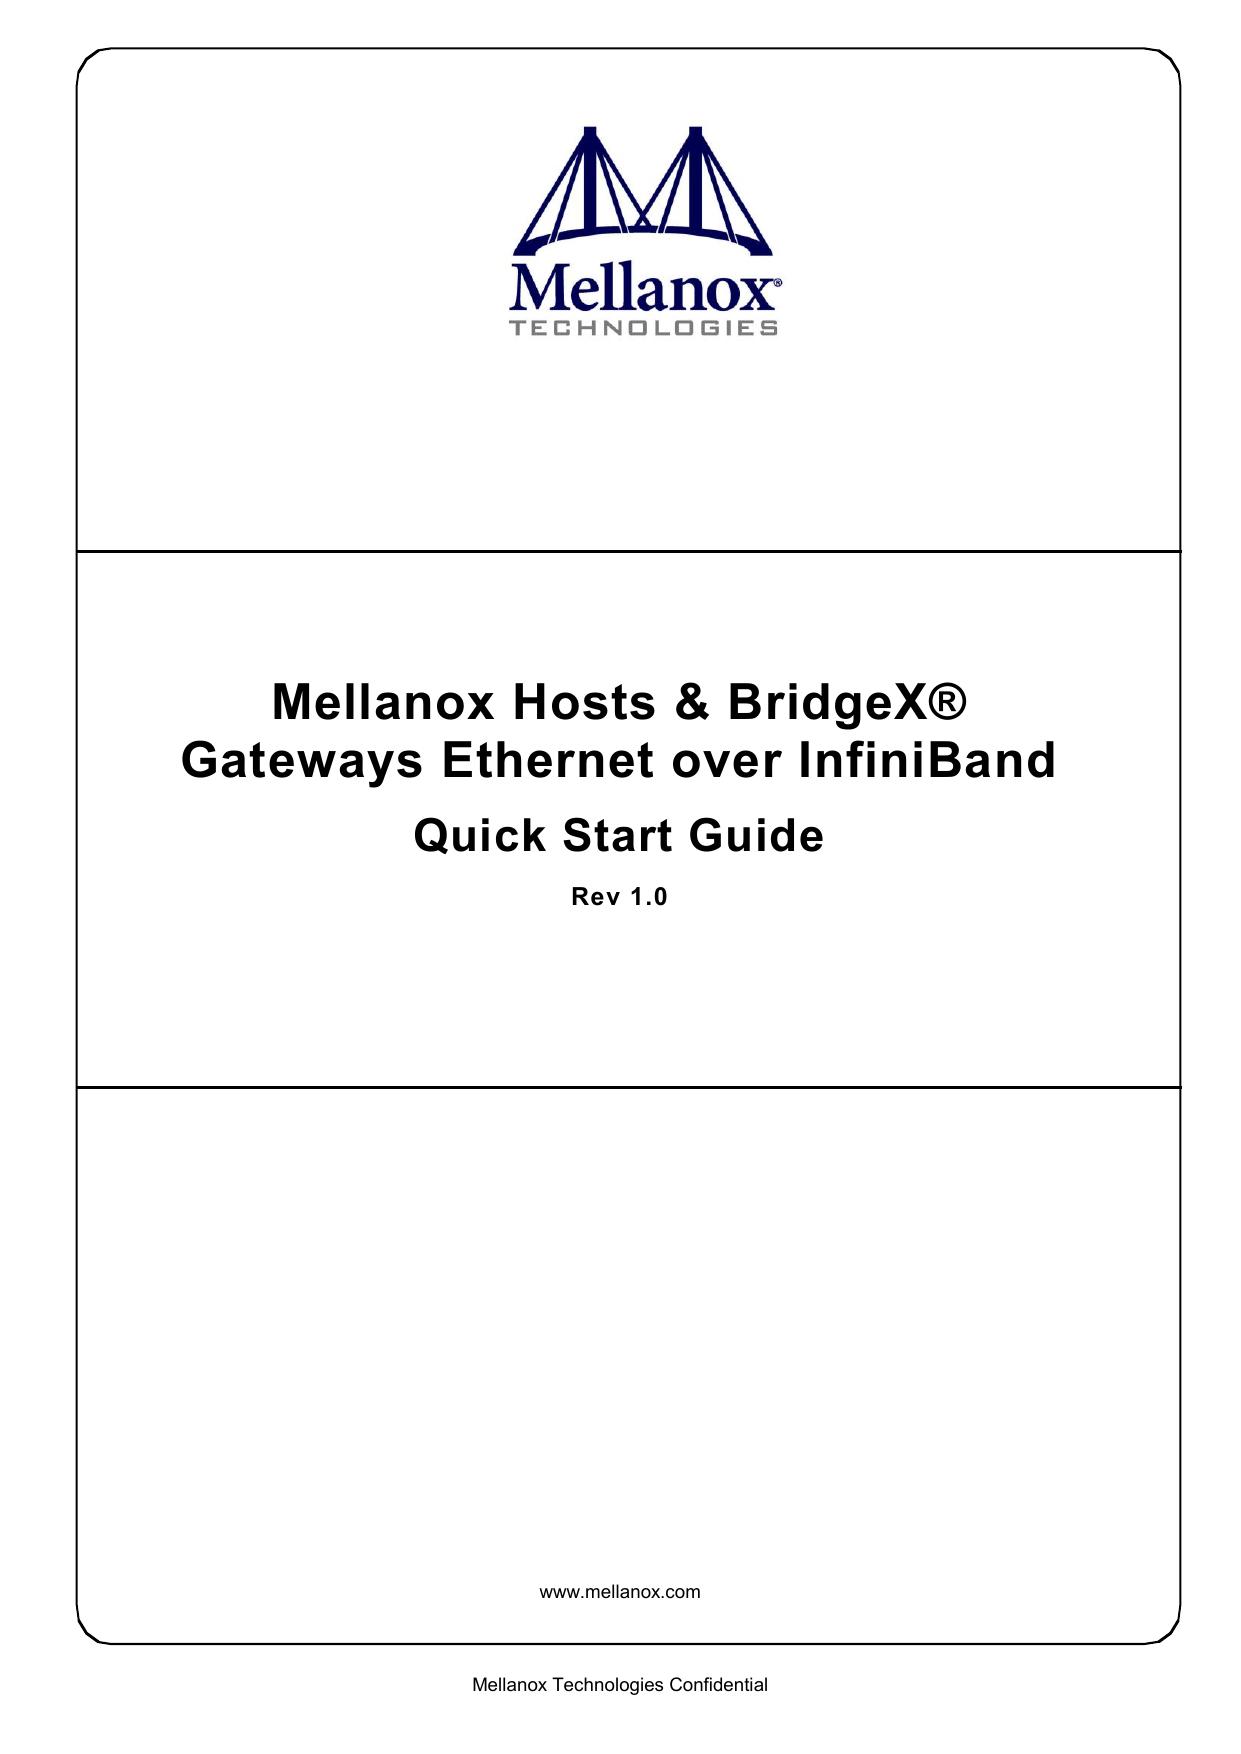 MELLANOX BX4010 GATEWAY TREIBER HERUNTERLADEN